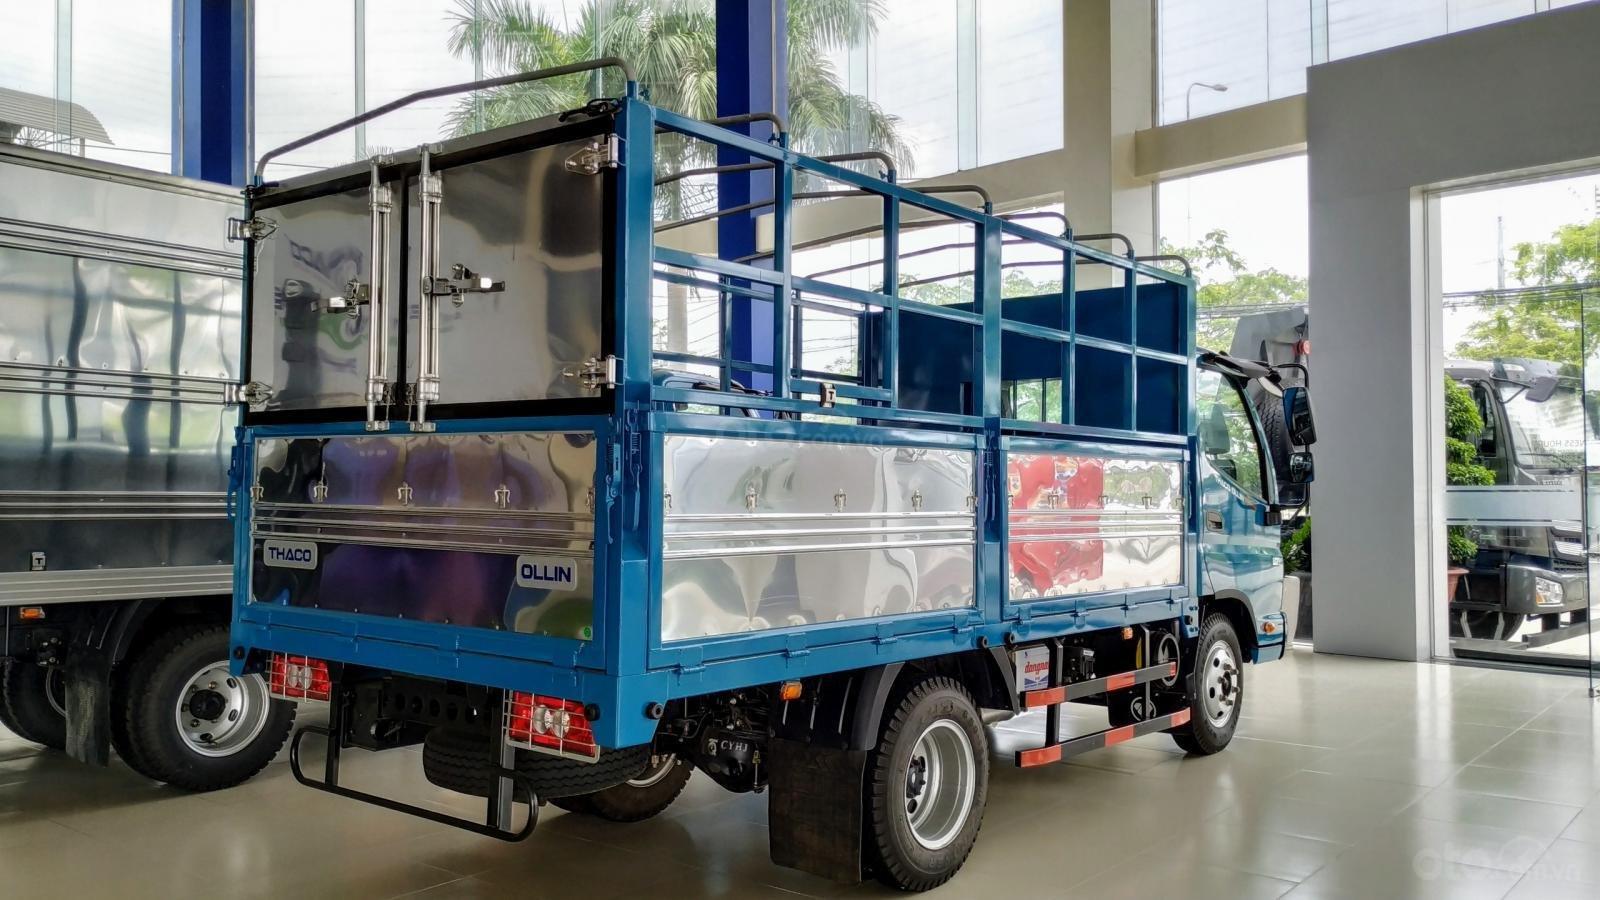 Bán xe tải Thaco Ollin 345. E4 - EURO 4 - tải 2 tấn 4 - mới nhất - hỗ trợ trả góp (5)